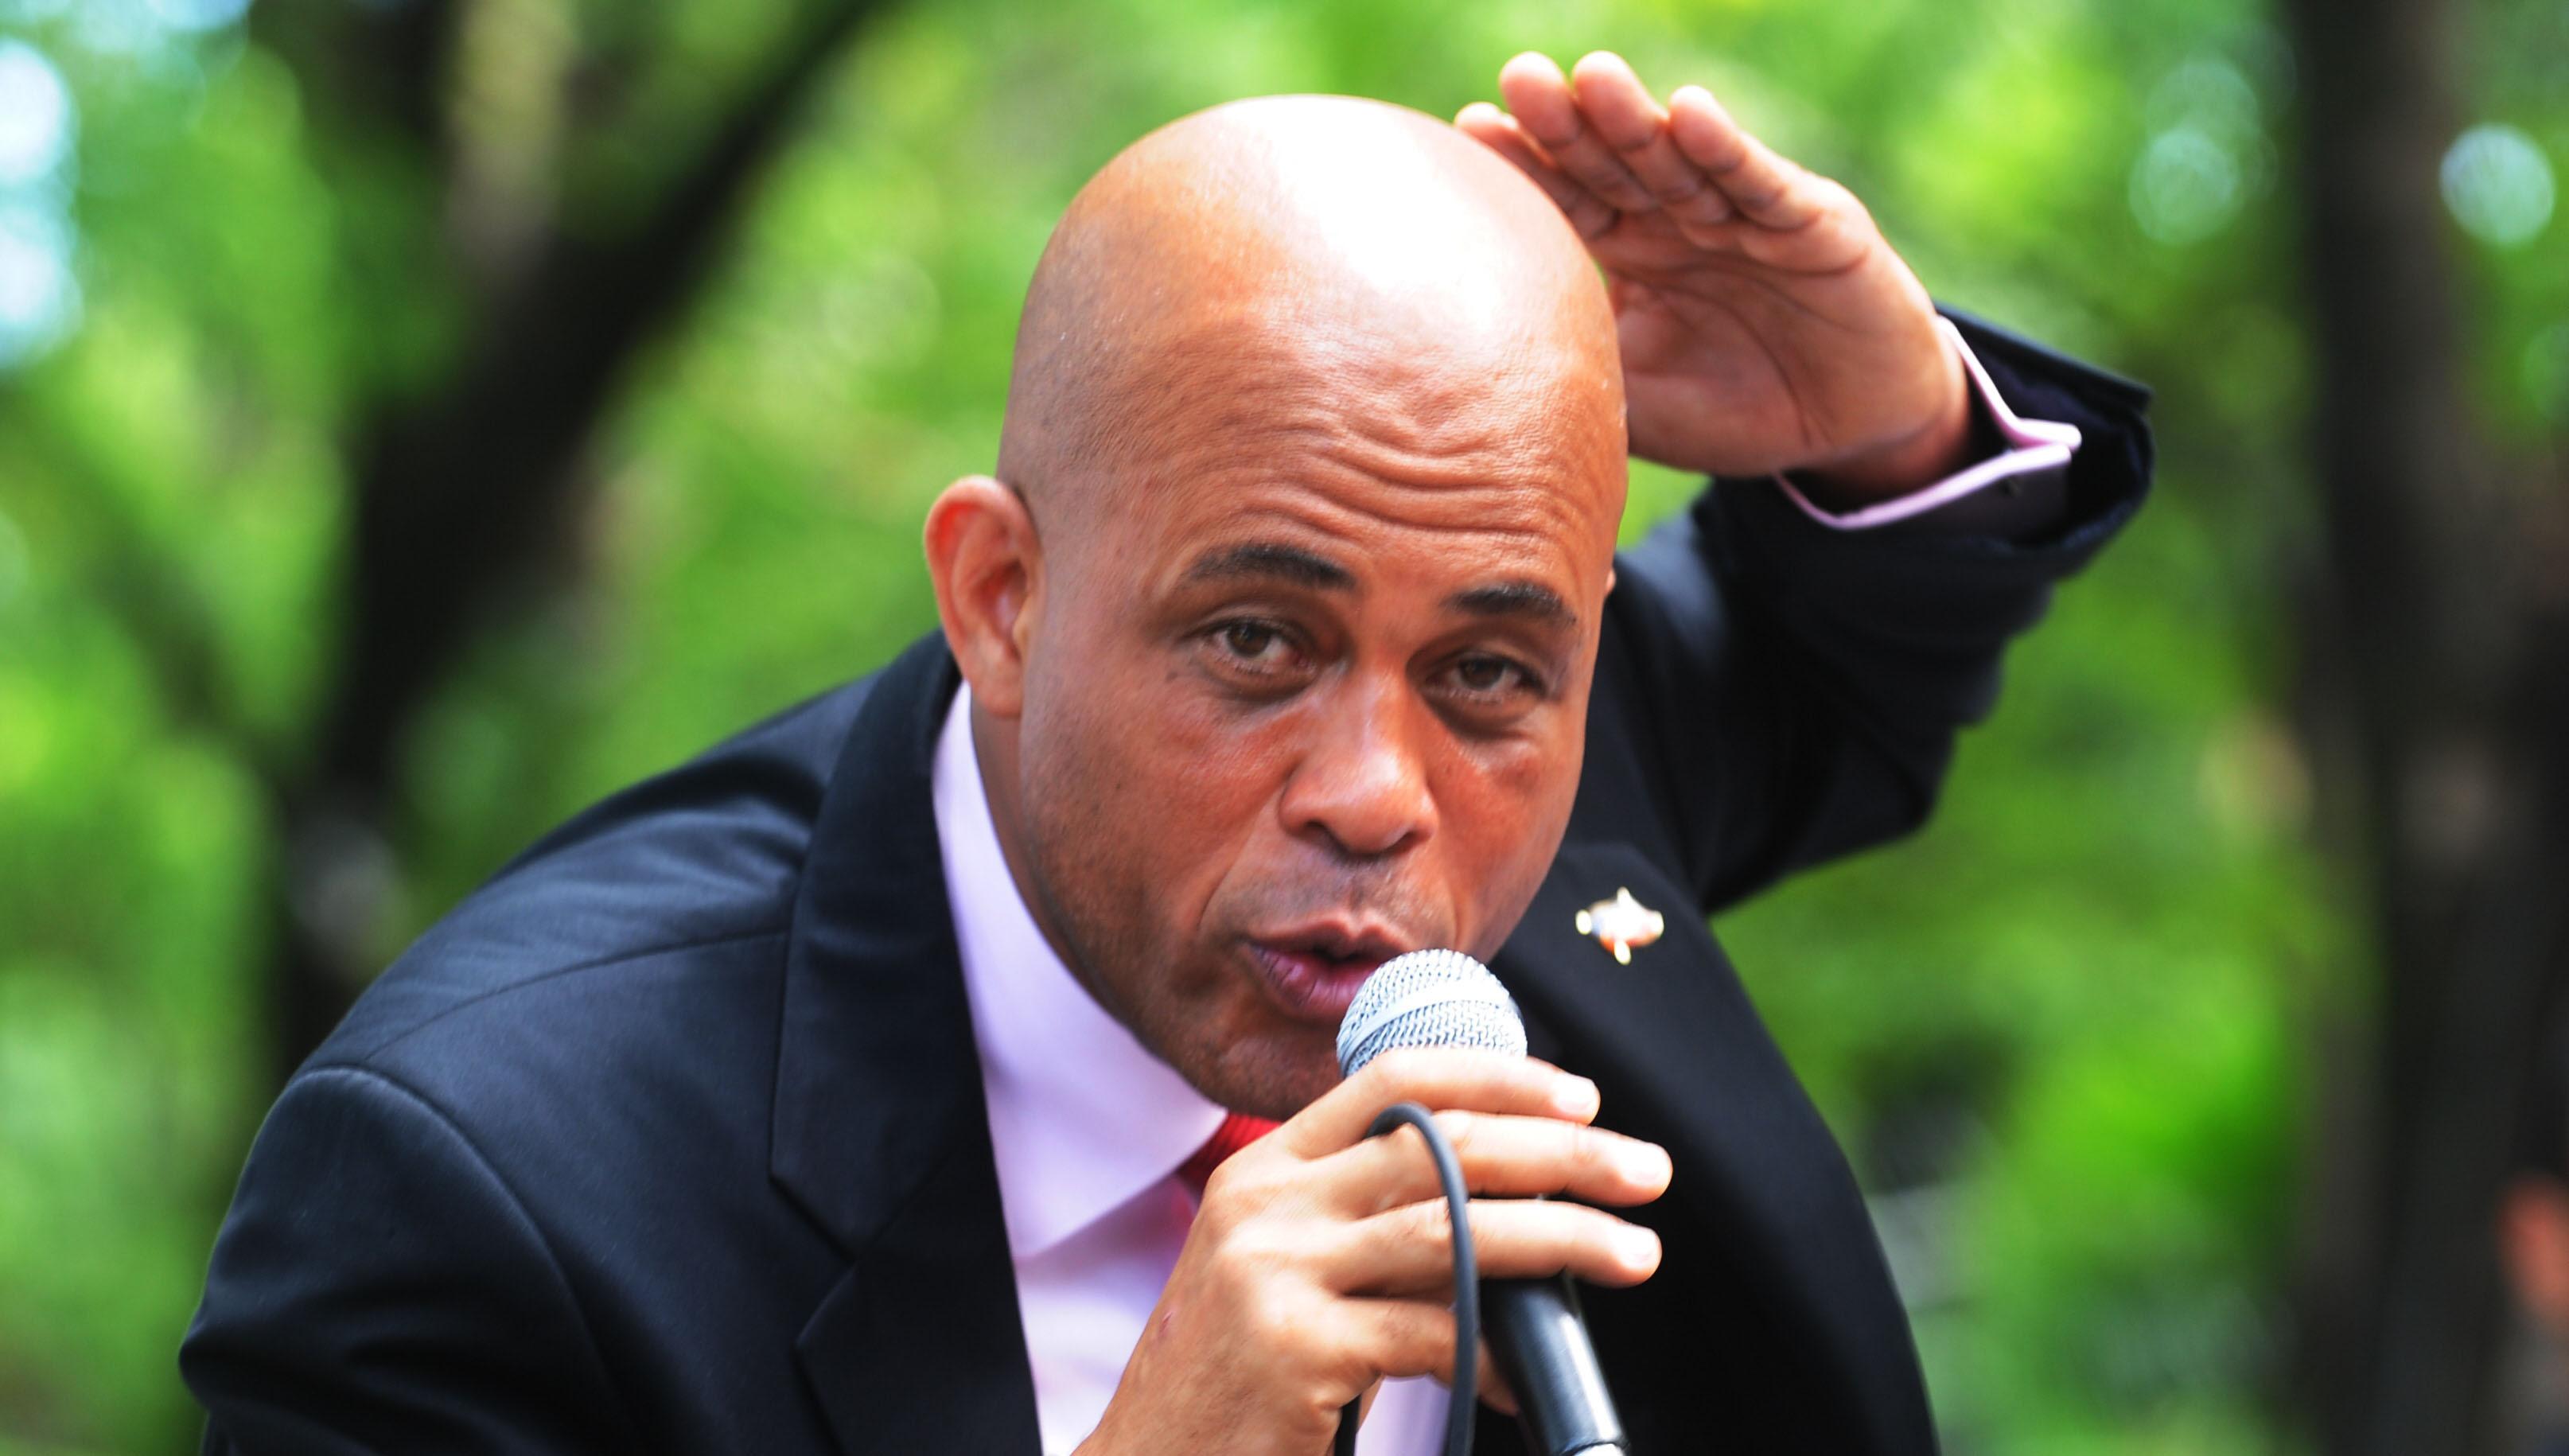 Martelly précise ses propos sur Marriot, Best Western et El Rancho. Photo: AFP